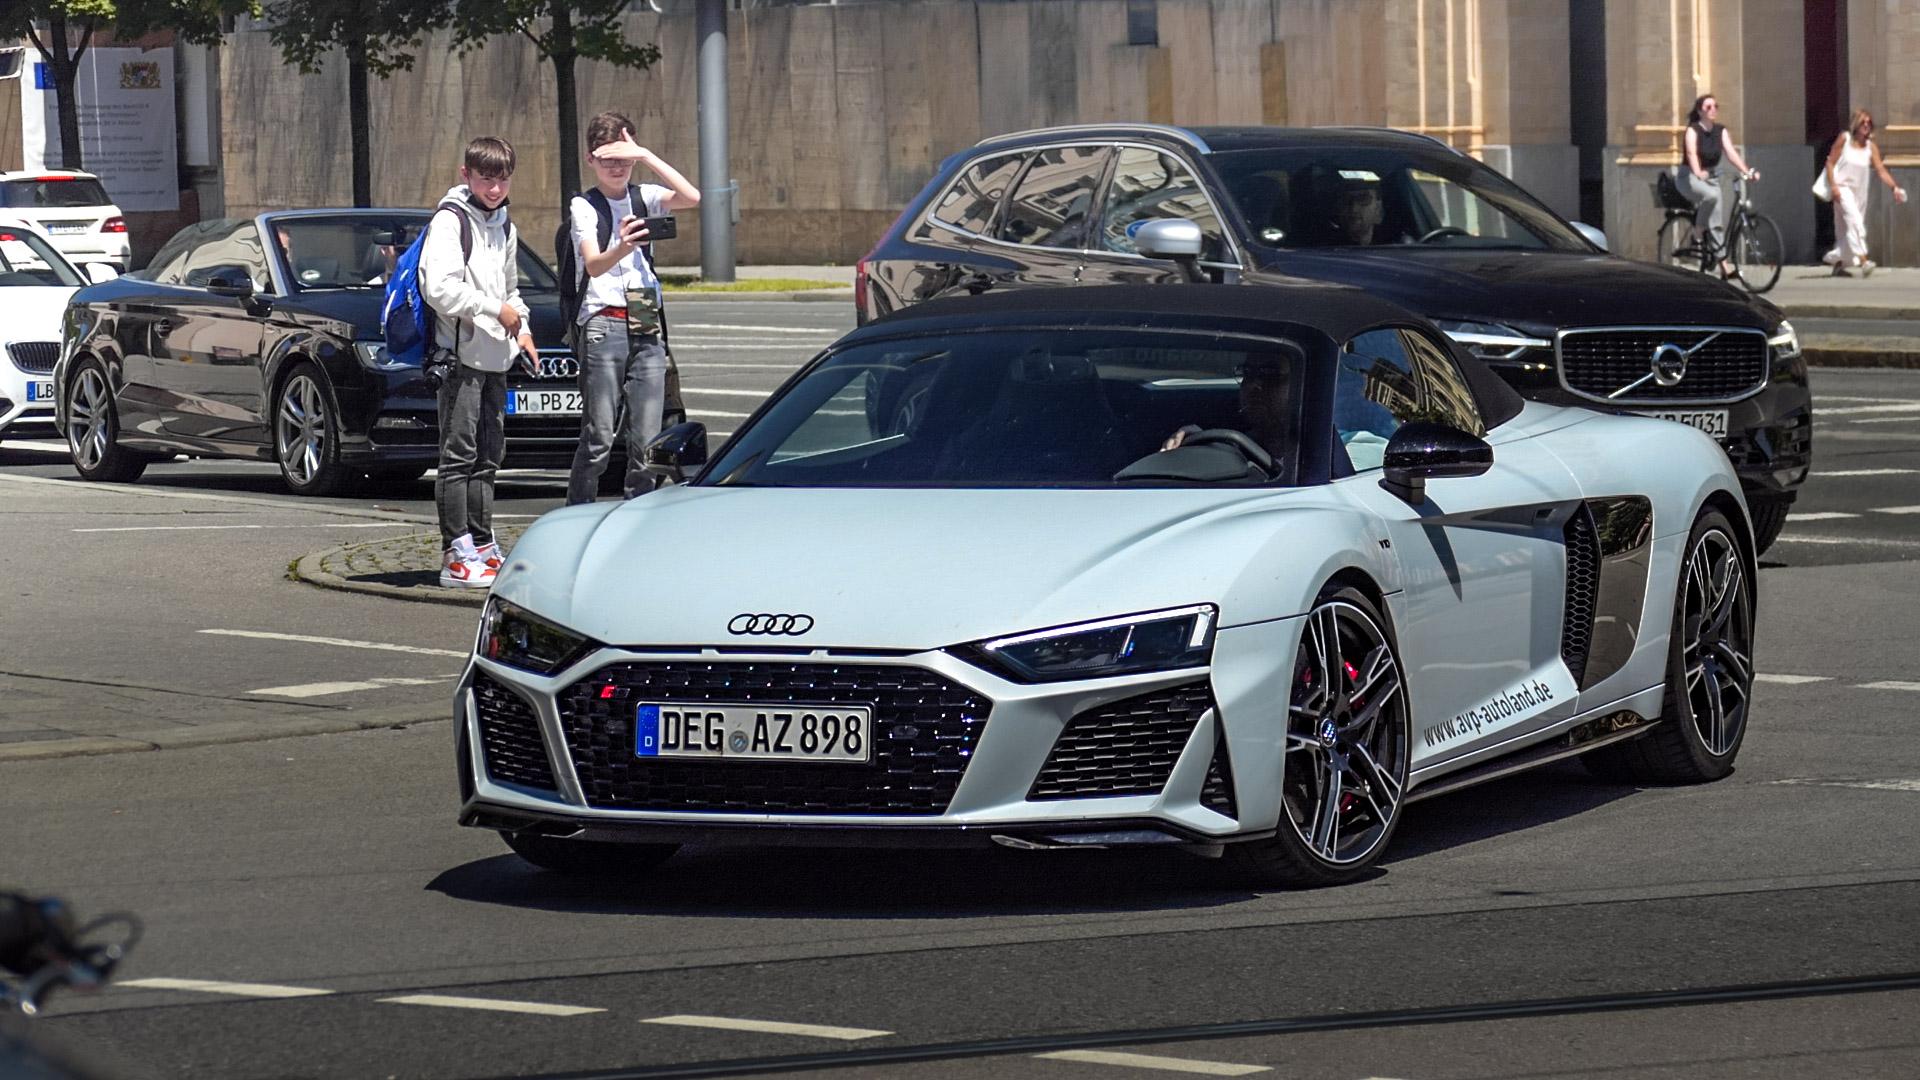 Audi R8 V10 Spyder - DEG-AZ-898